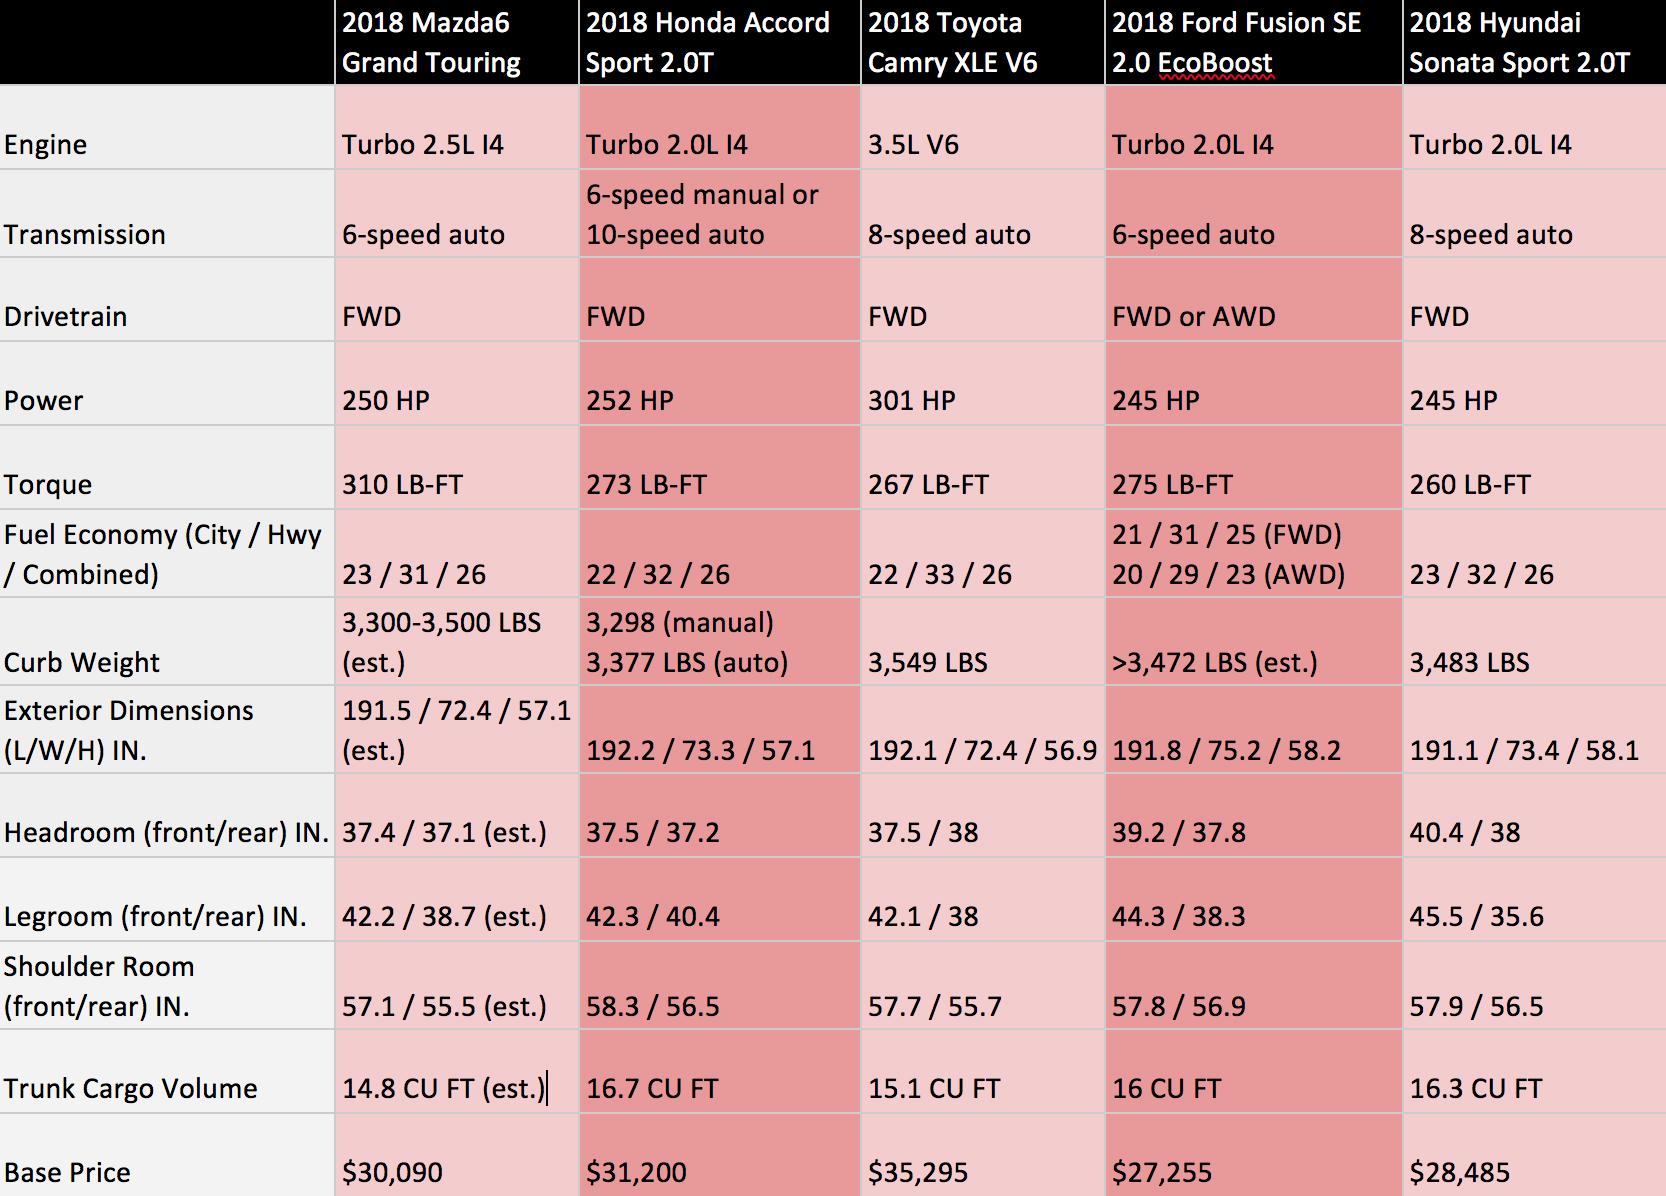 Comparison chart of midsize family sedans